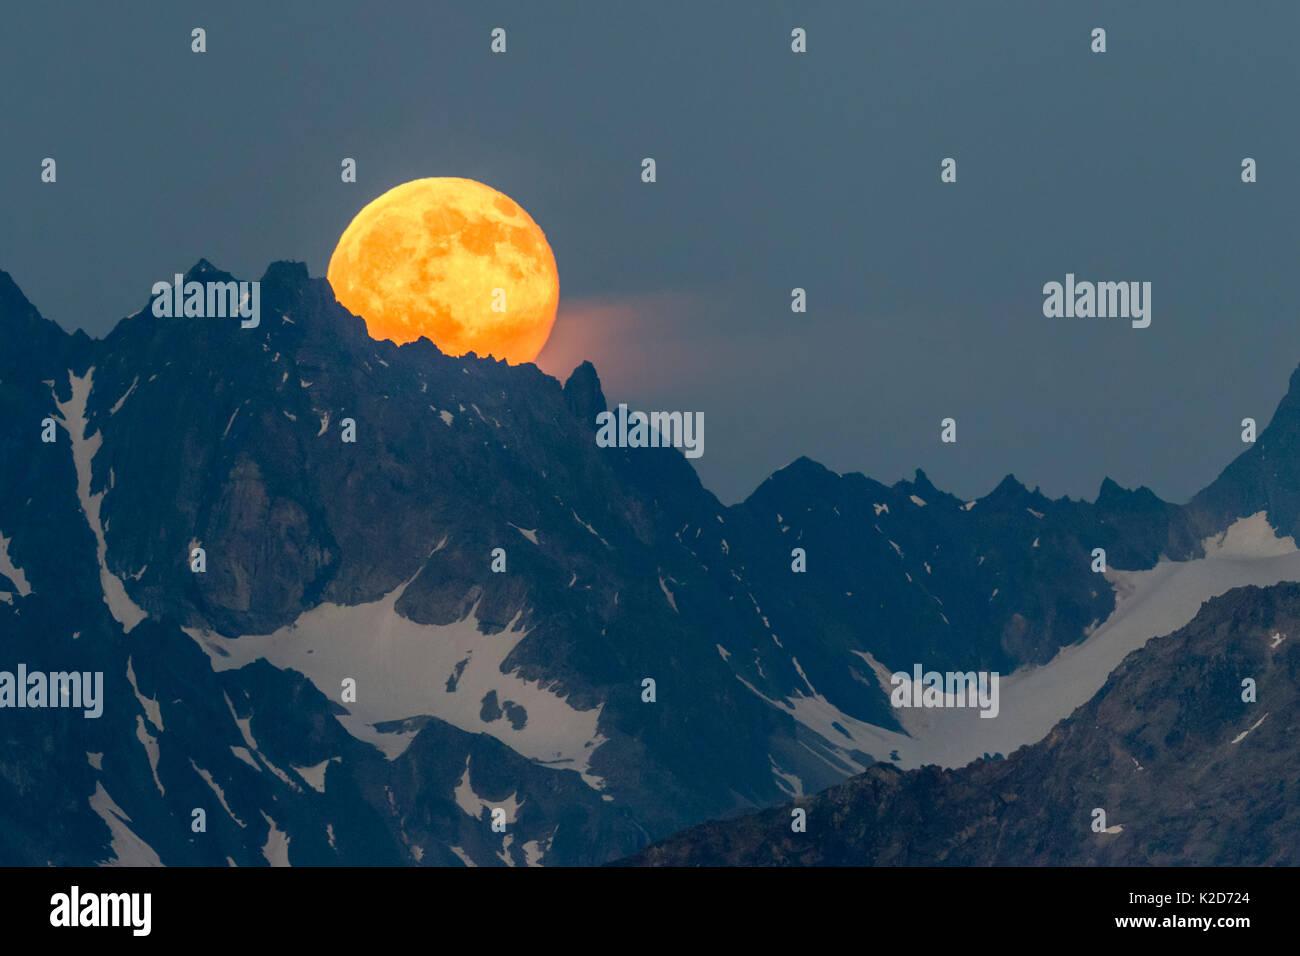 Vollmond über der Verpeilspitze (3430 m). Dieser Gipfel ist Teil der Glockturmkamm, dem westlichsten Kante des Otztal Alpen. Nordtirol, Österreichischen Alpen. Juli. Digital geheftete Panorama. Stockbild